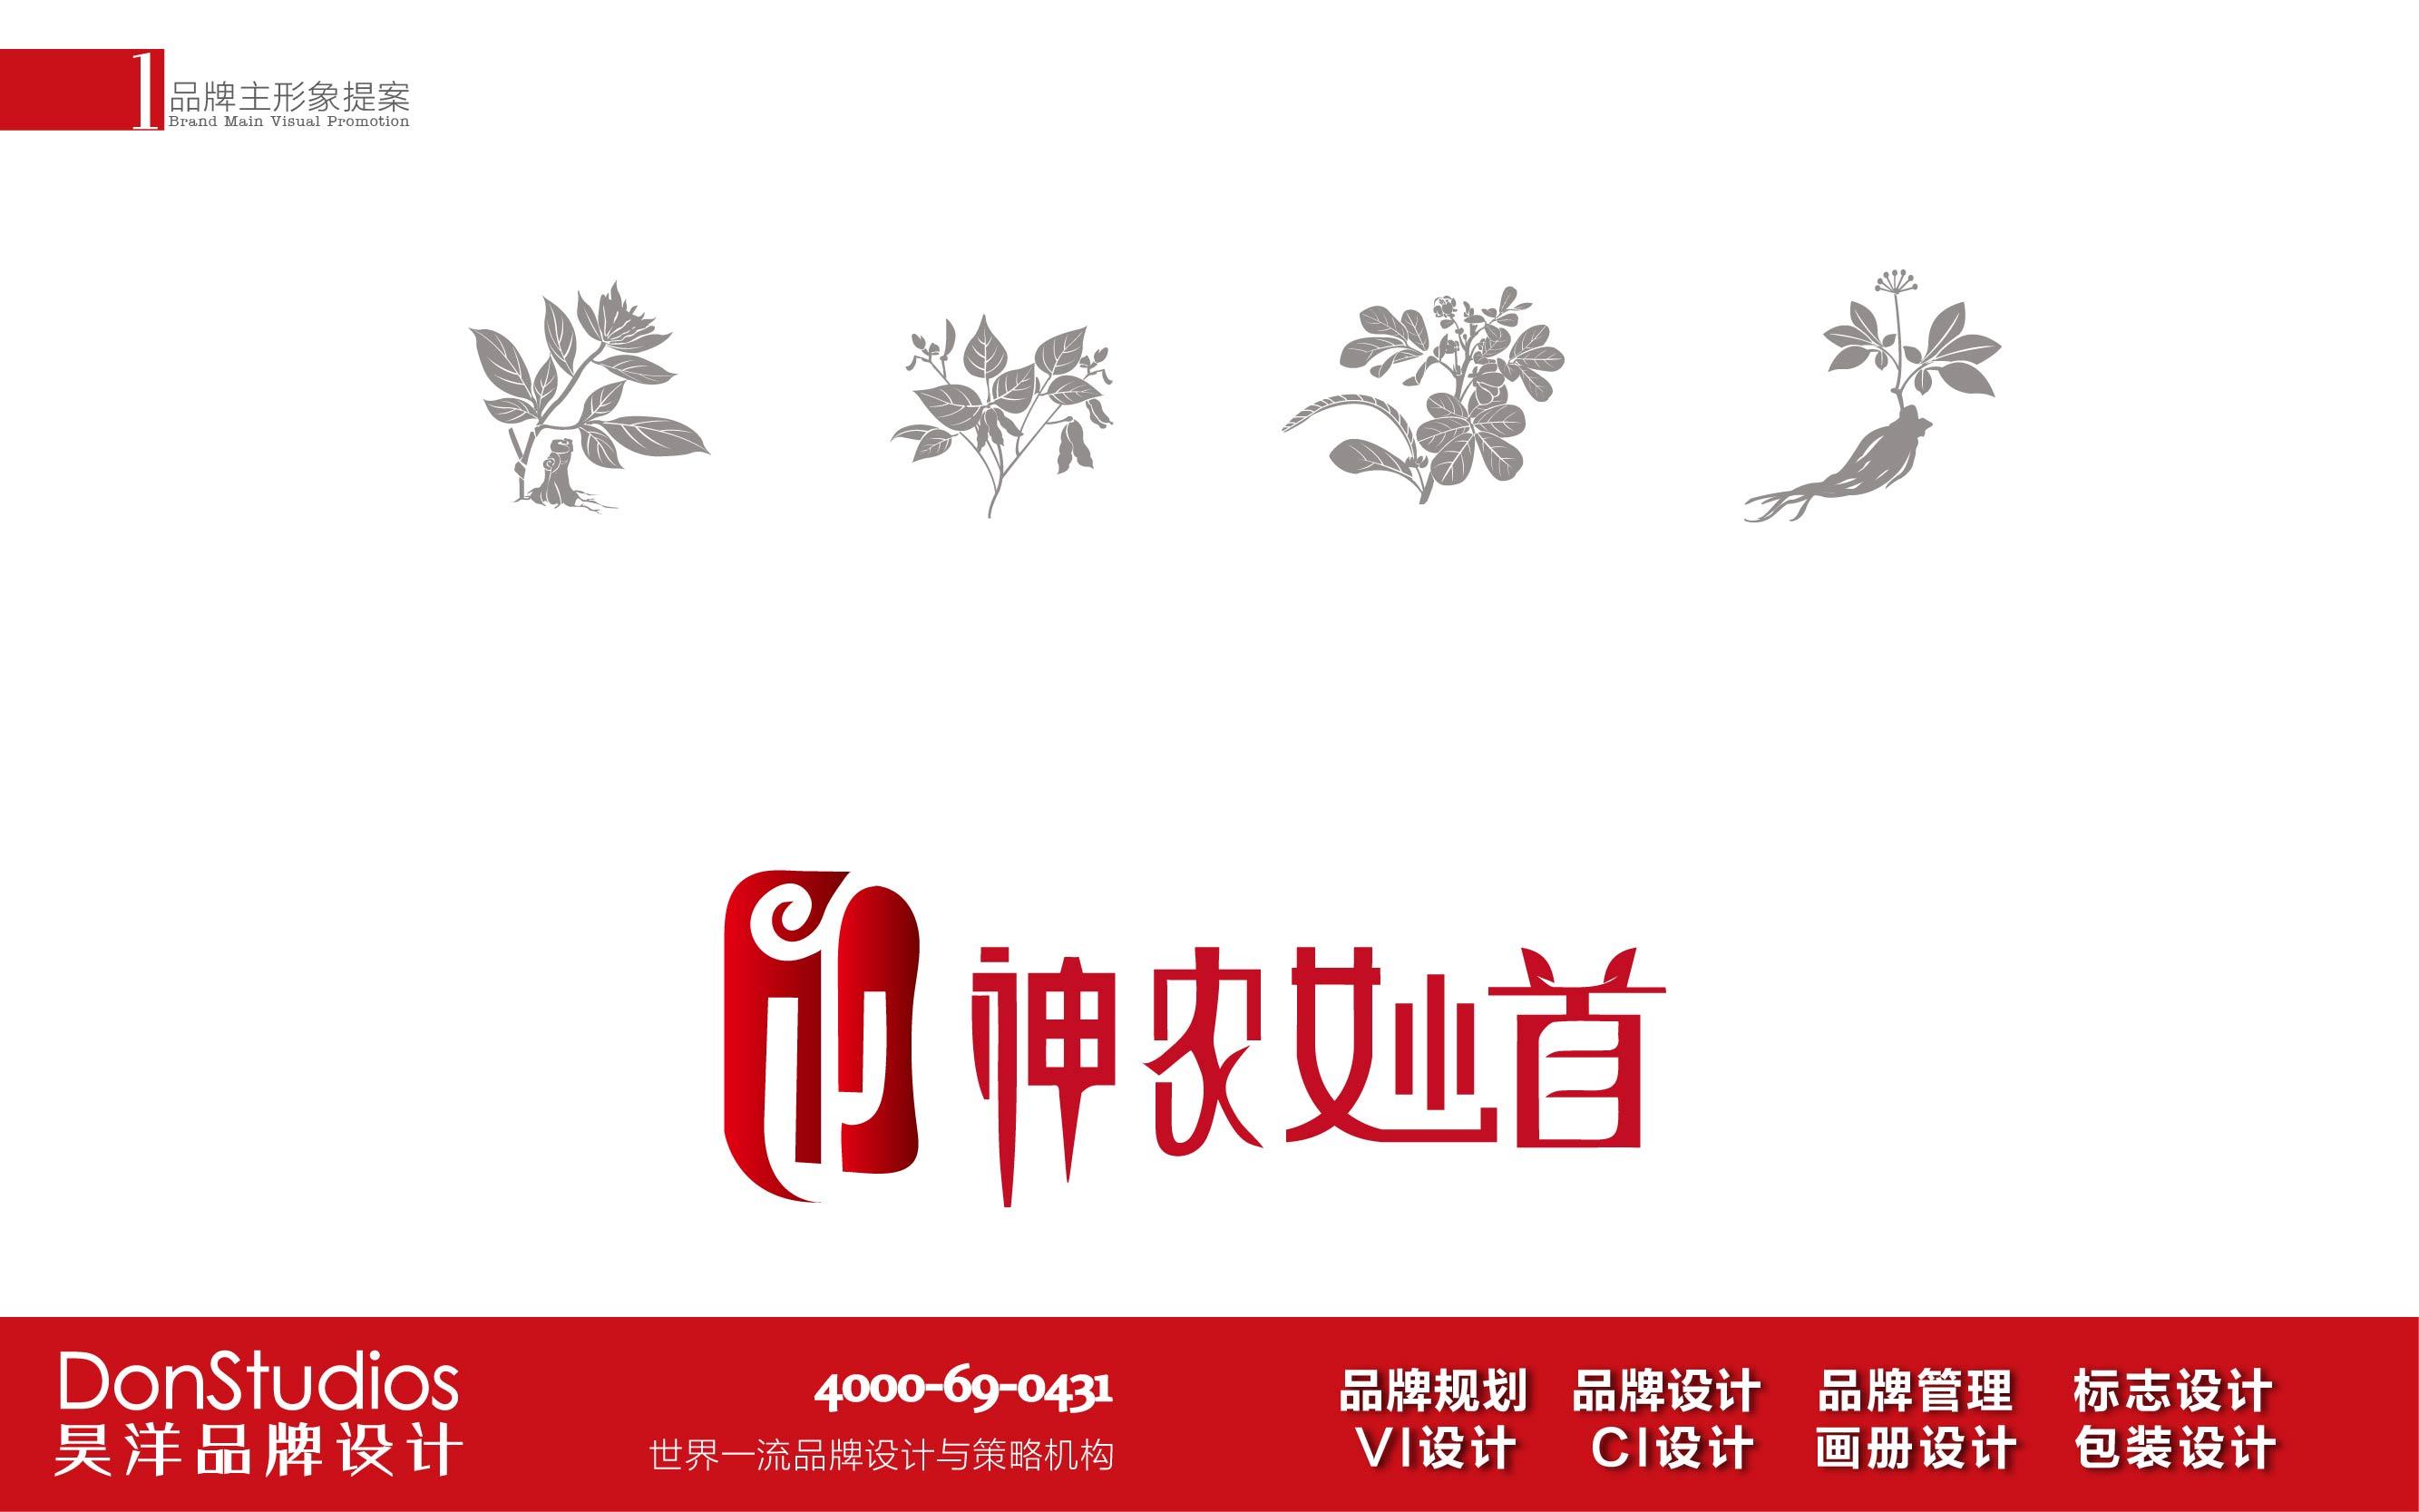 店铺logo设计